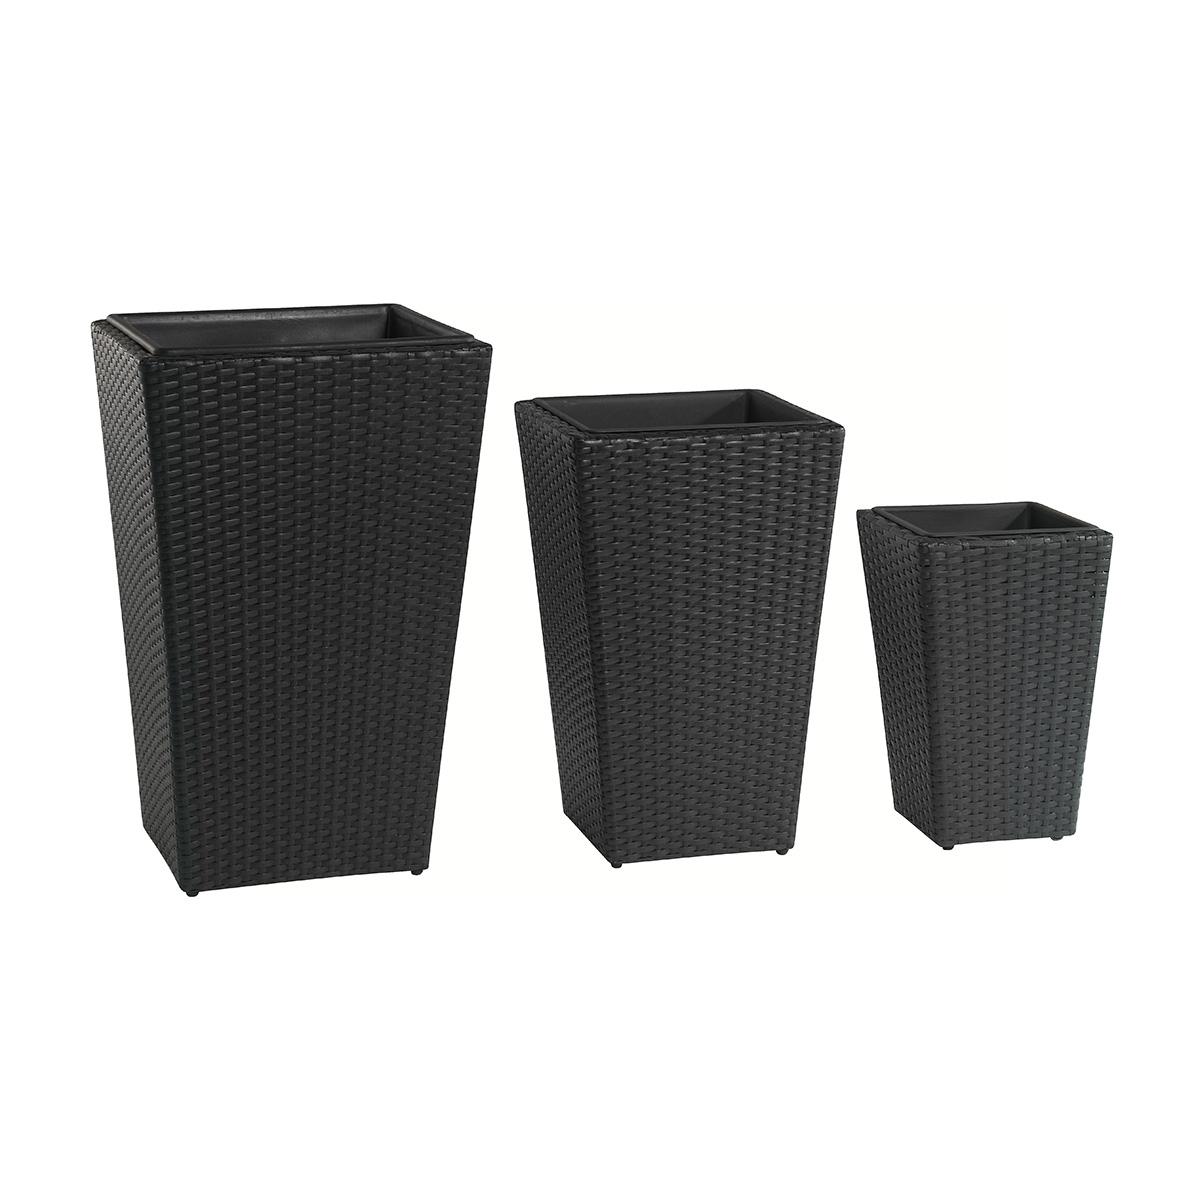 pflanzk bel polyrattan 3er set h68 cm h57 cm h47 cm schwarz gartenfreude. Black Bedroom Furniture Sets. Home Design Ideas